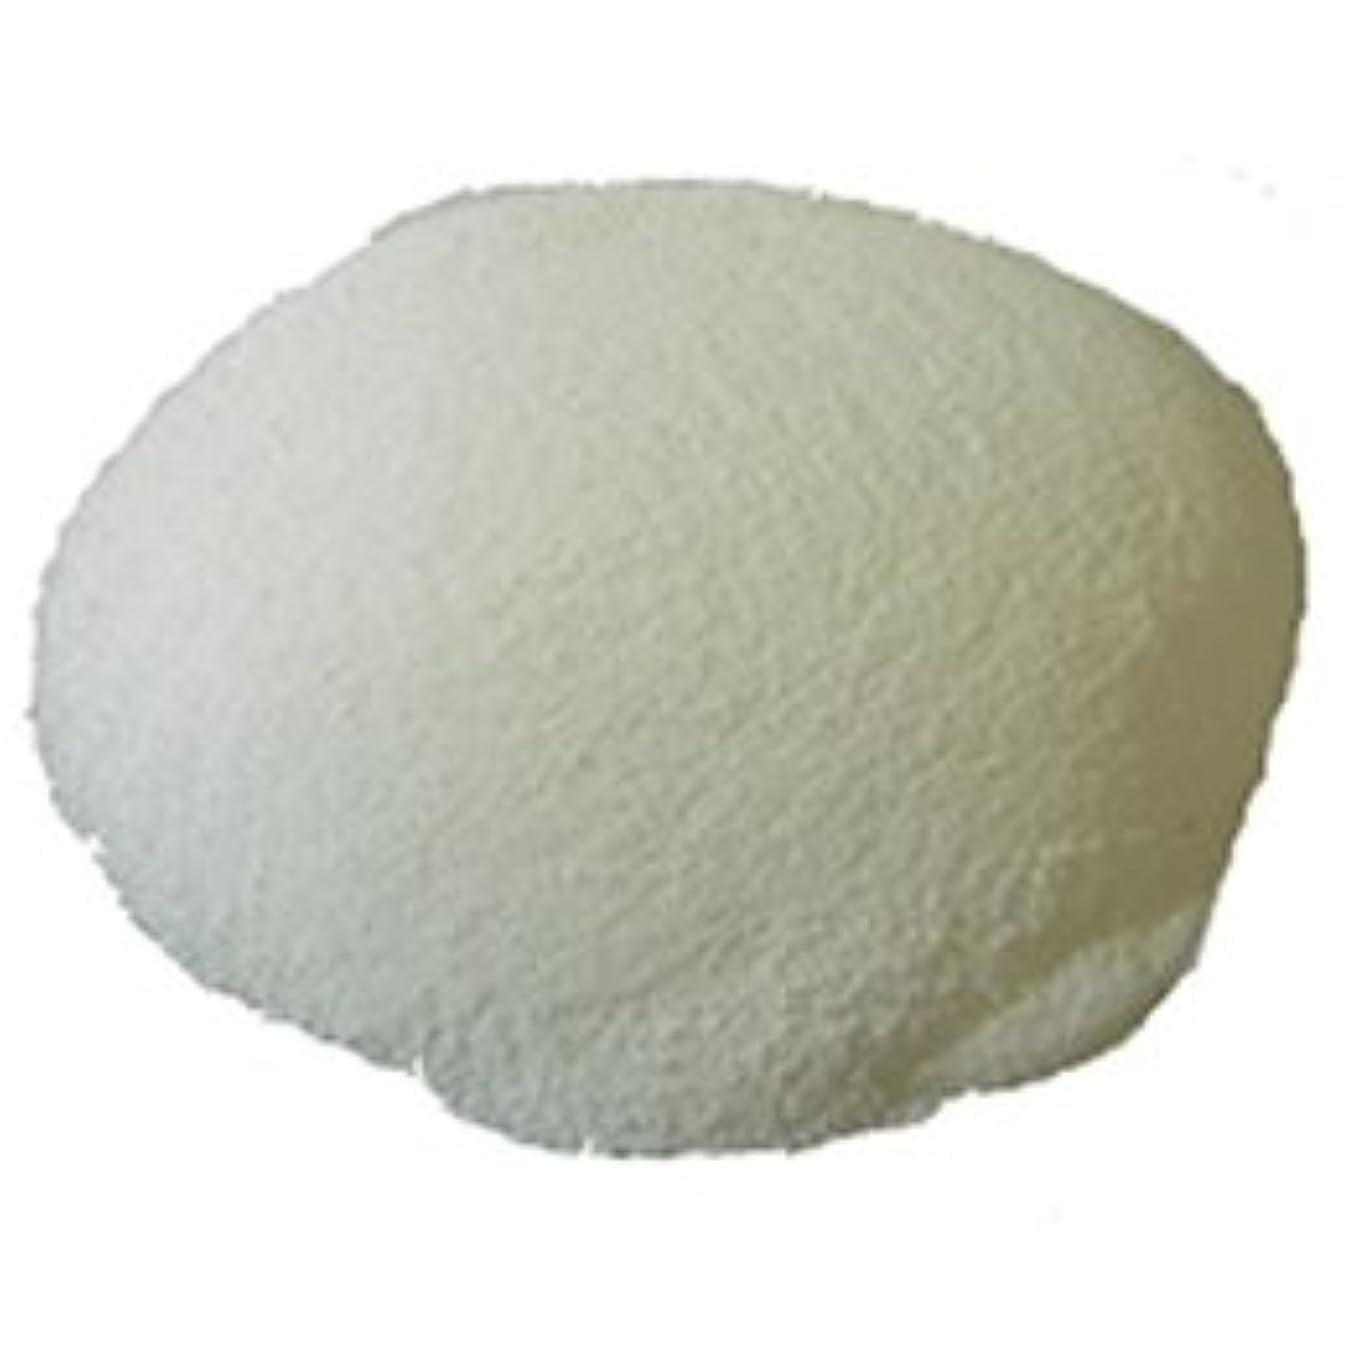 欠伸うれしい永続カリス成城 ソープの素 パウダータイプ 1kg